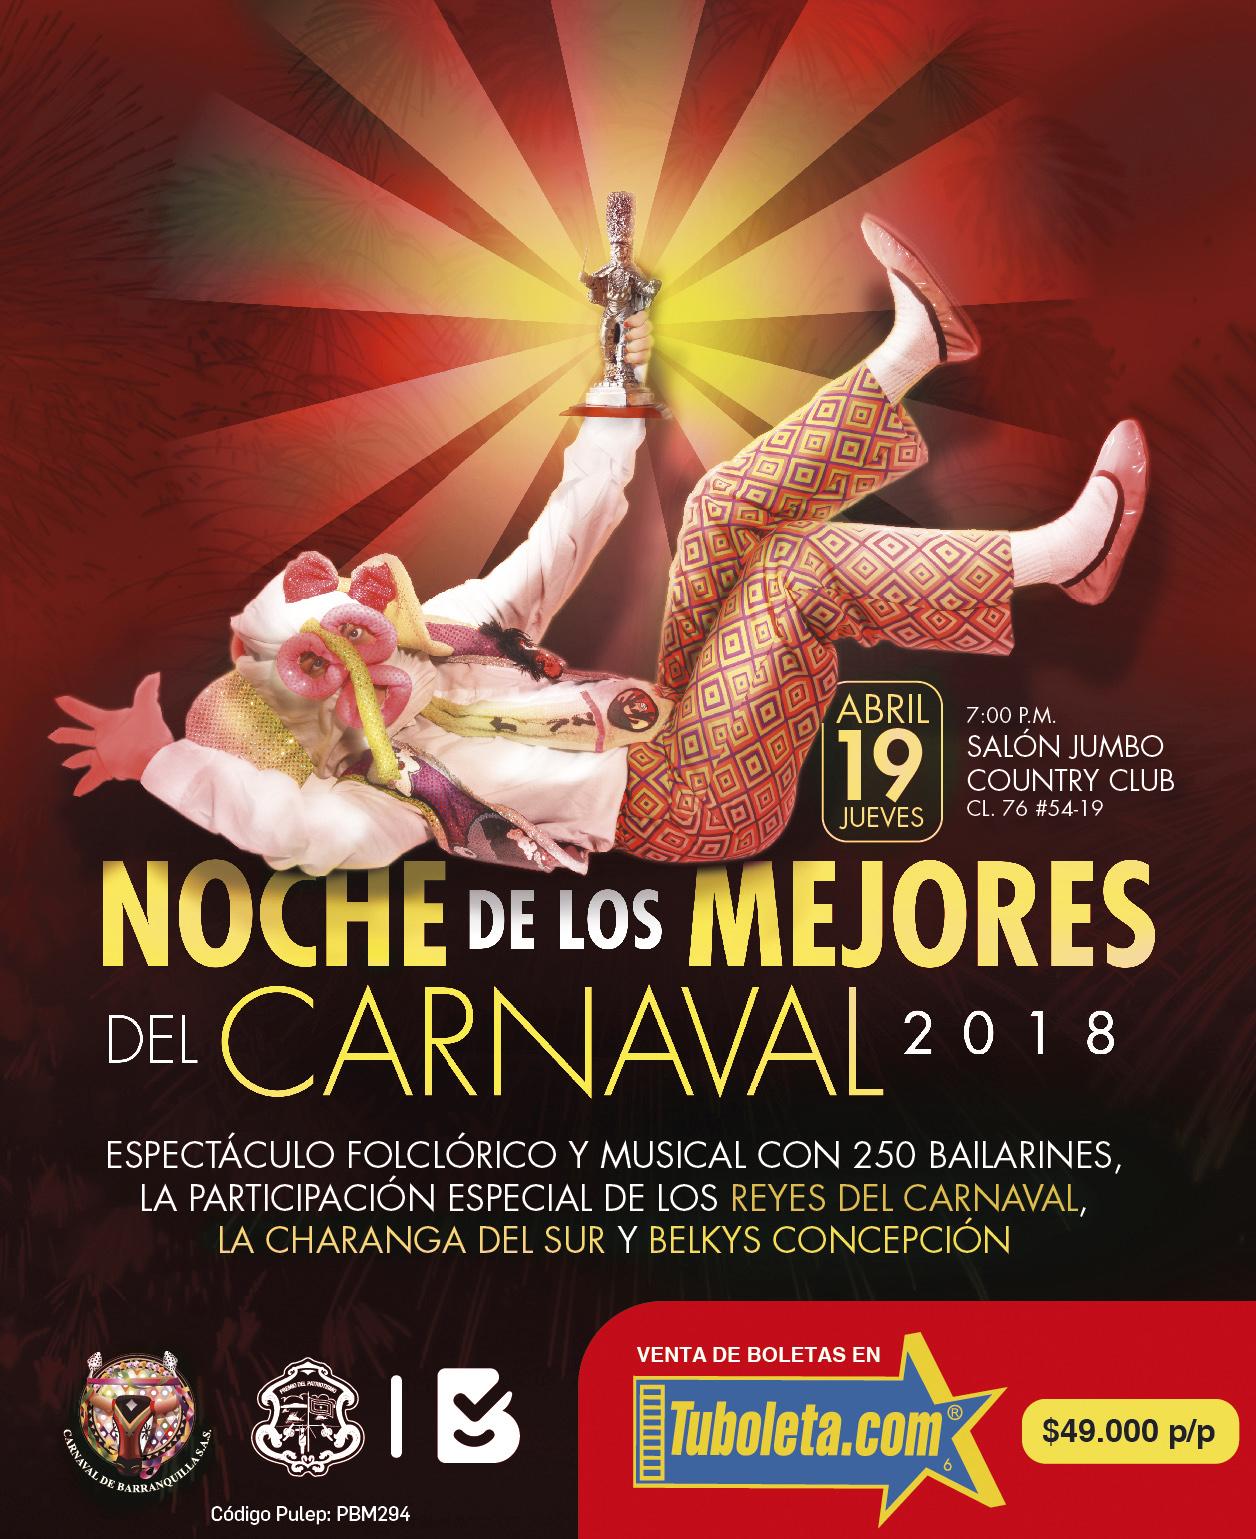 En abril, Barranquilla se viste de Carnaval con 'La Noche de los Mejores'